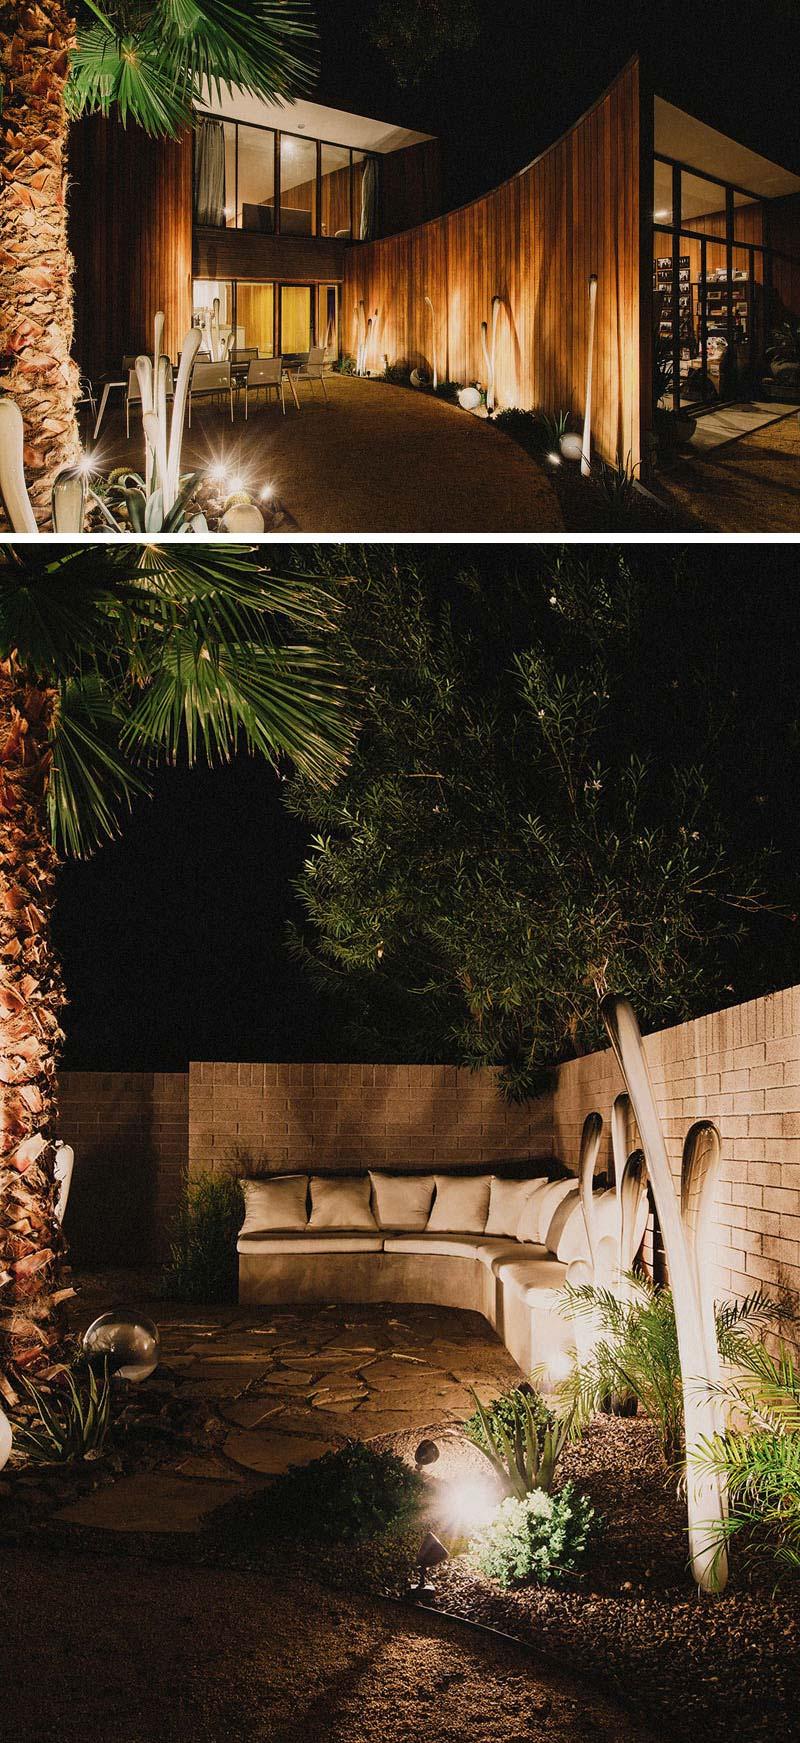 tuinverlichting inspiratie spotlights